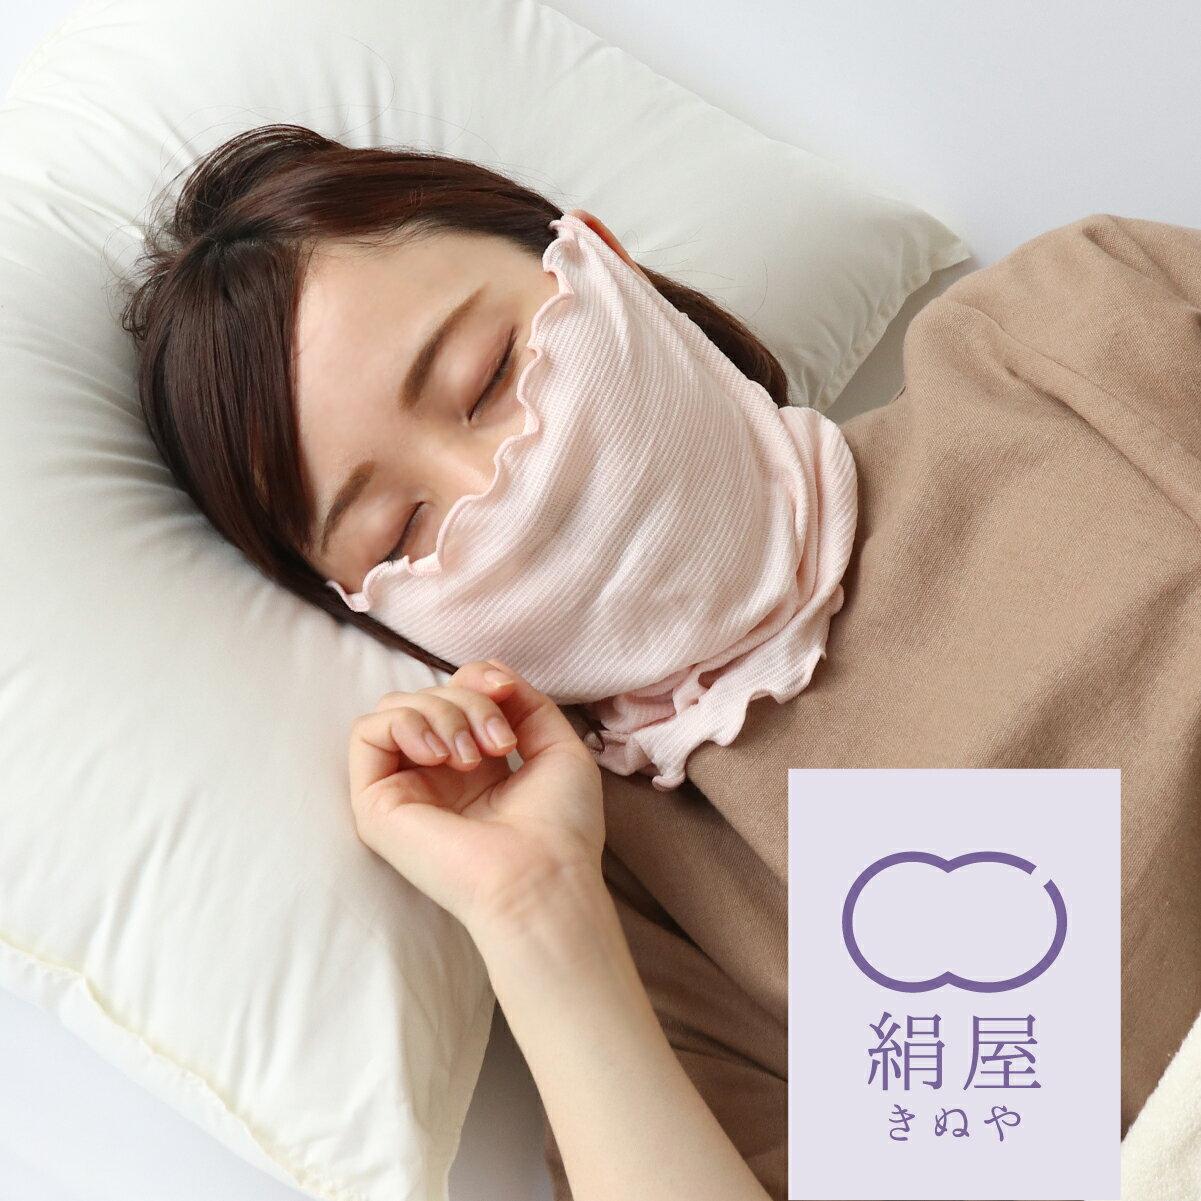 絹屋 極薄2mm シルクフェイスマスク [4691]おやすみマスク 絹 シルク 冷え性 母の日